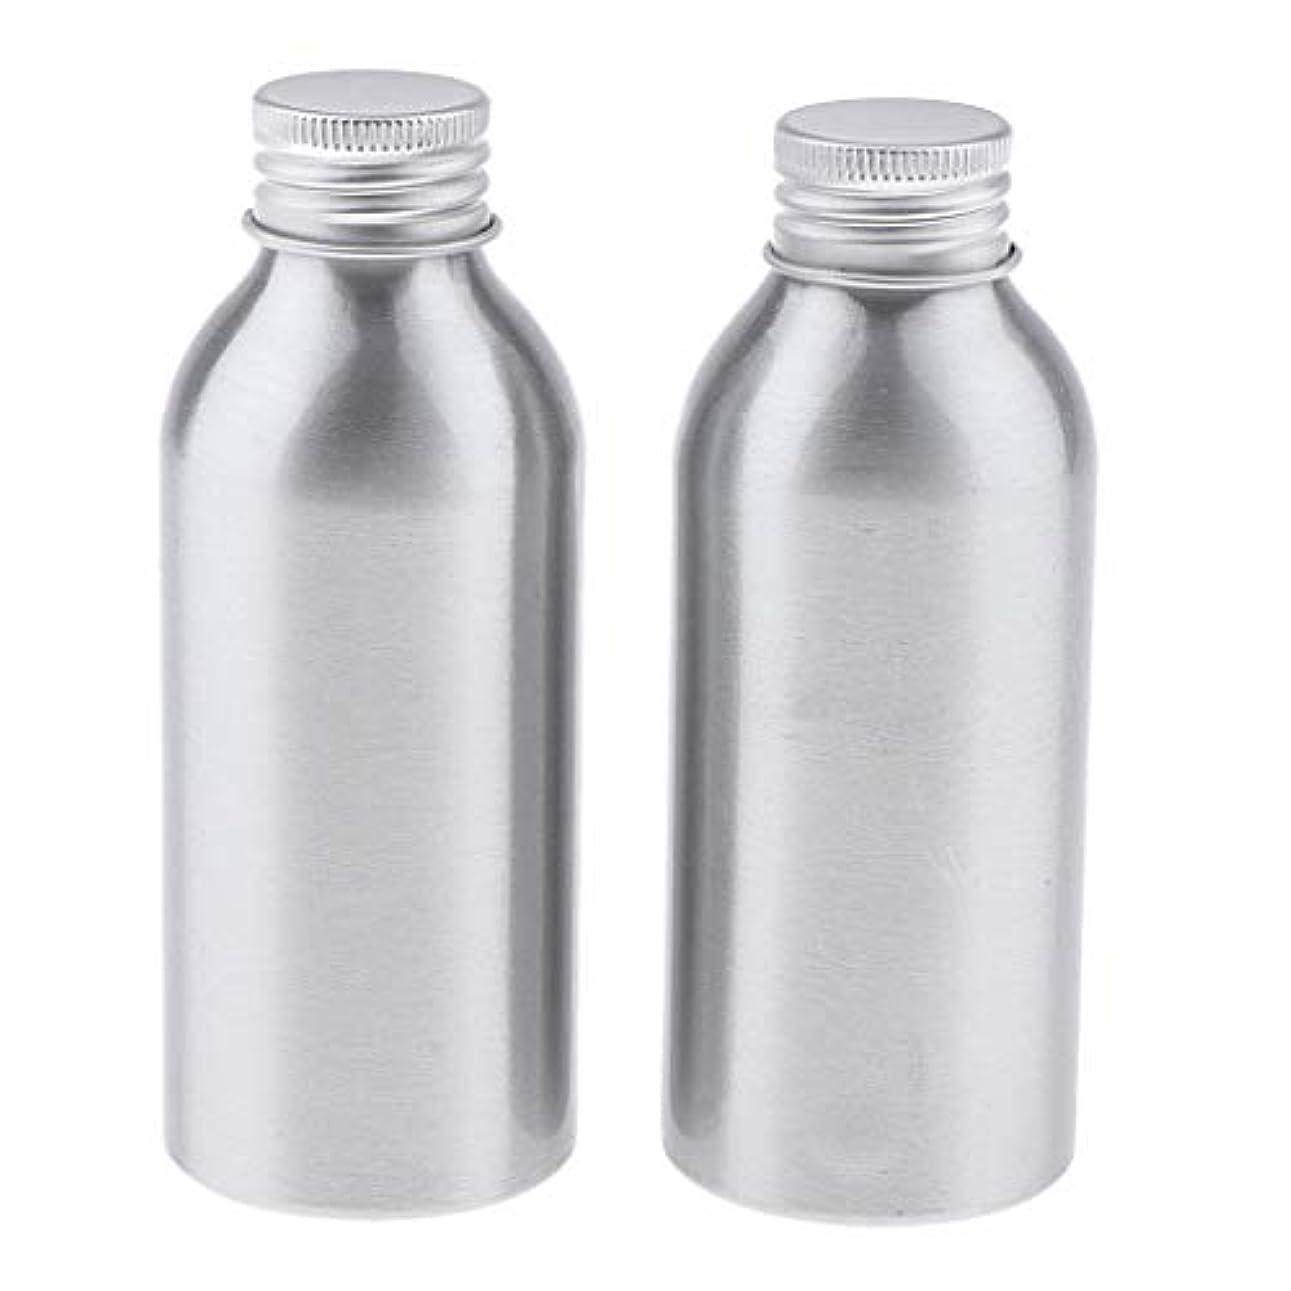 印象的な穴シールドディスペンサーボトル 空ボトル アルミボトル 化粧品ボトル 詰替え容器 広い口 防錆 全5サイズ - 120ml